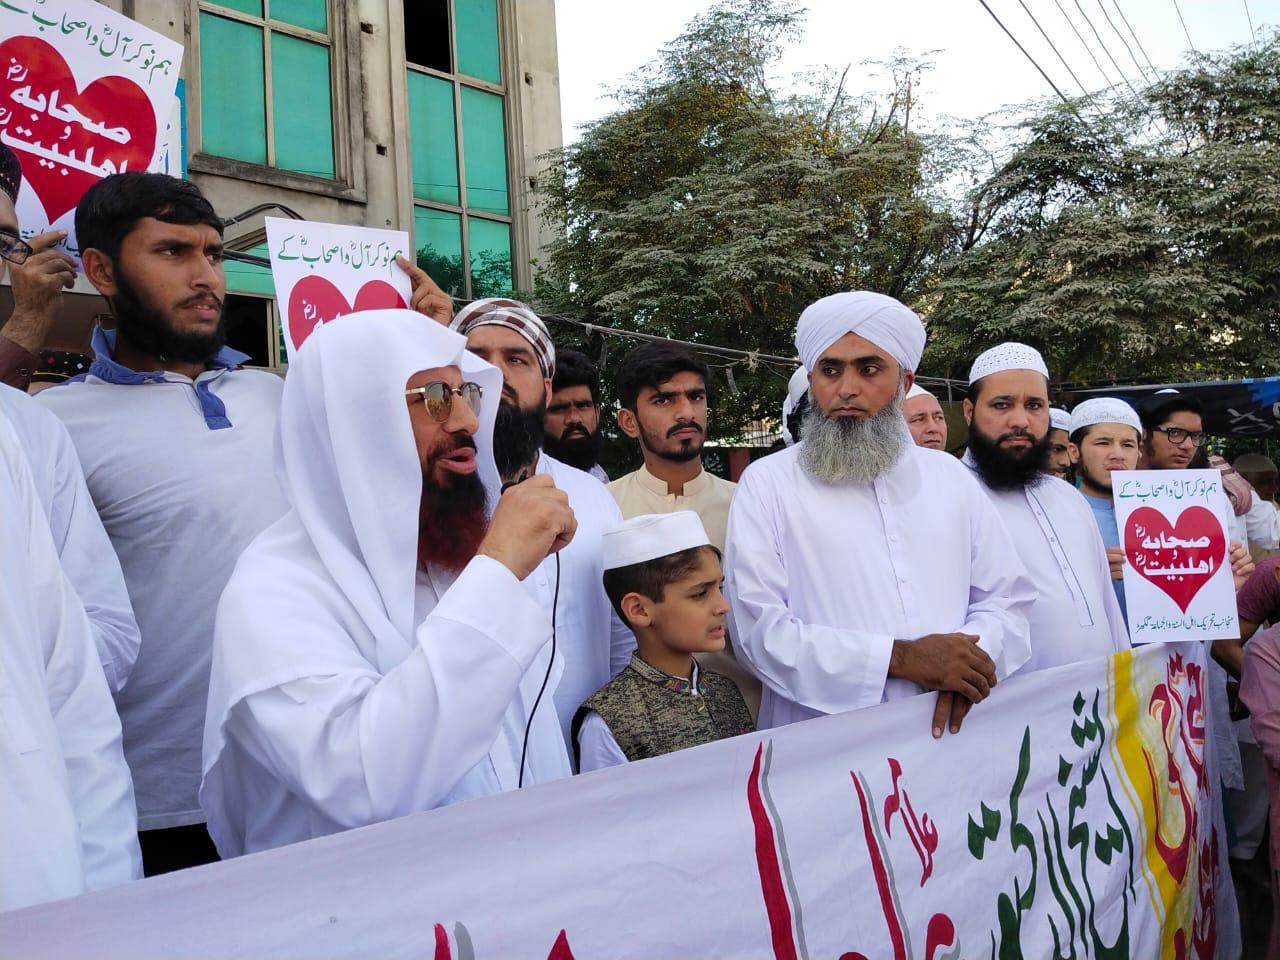 مولانا ڈاکٹر عادل خان کی المناک شہادت ملکی وحدت کے خلاف گہری سازش ہے ( مولانا حماد الزھراوی )